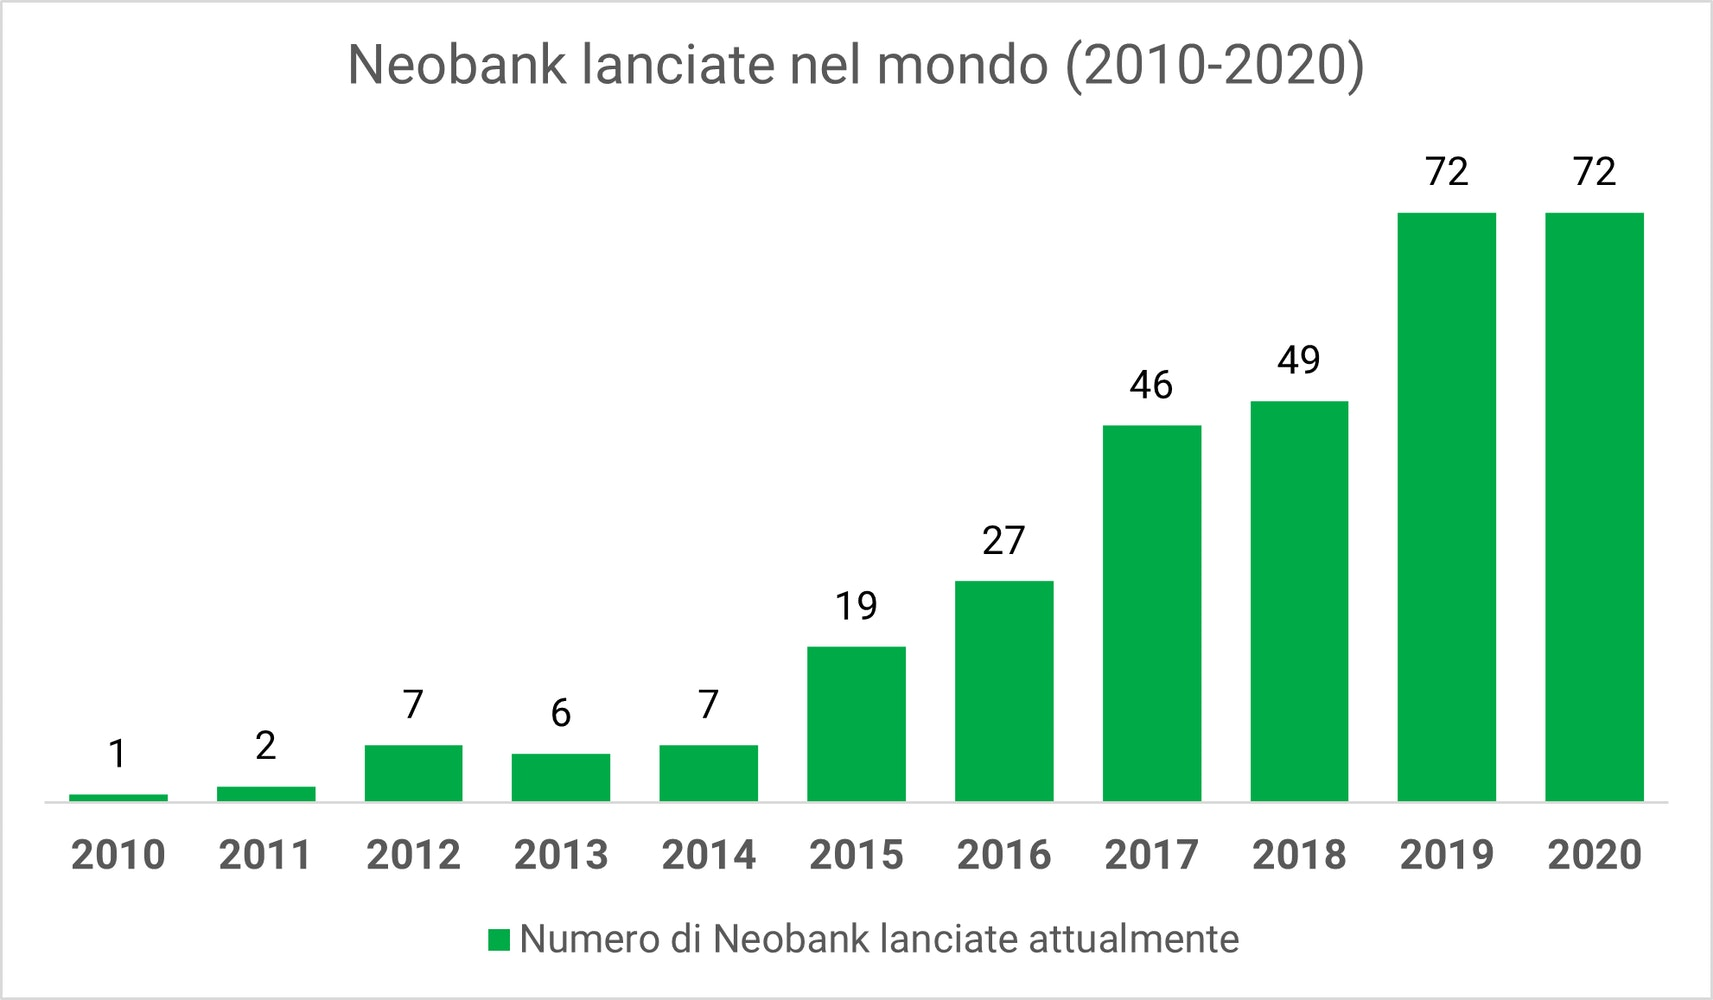 Il grafico mostra il numero di neobank lanciate nel mondo dal 2010 al 2020